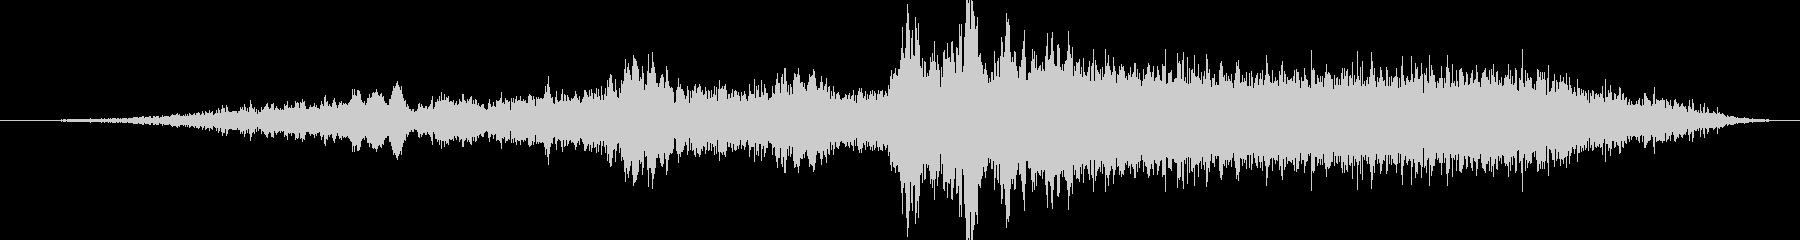 1933オースティン16:Ext:...の未再生の波形